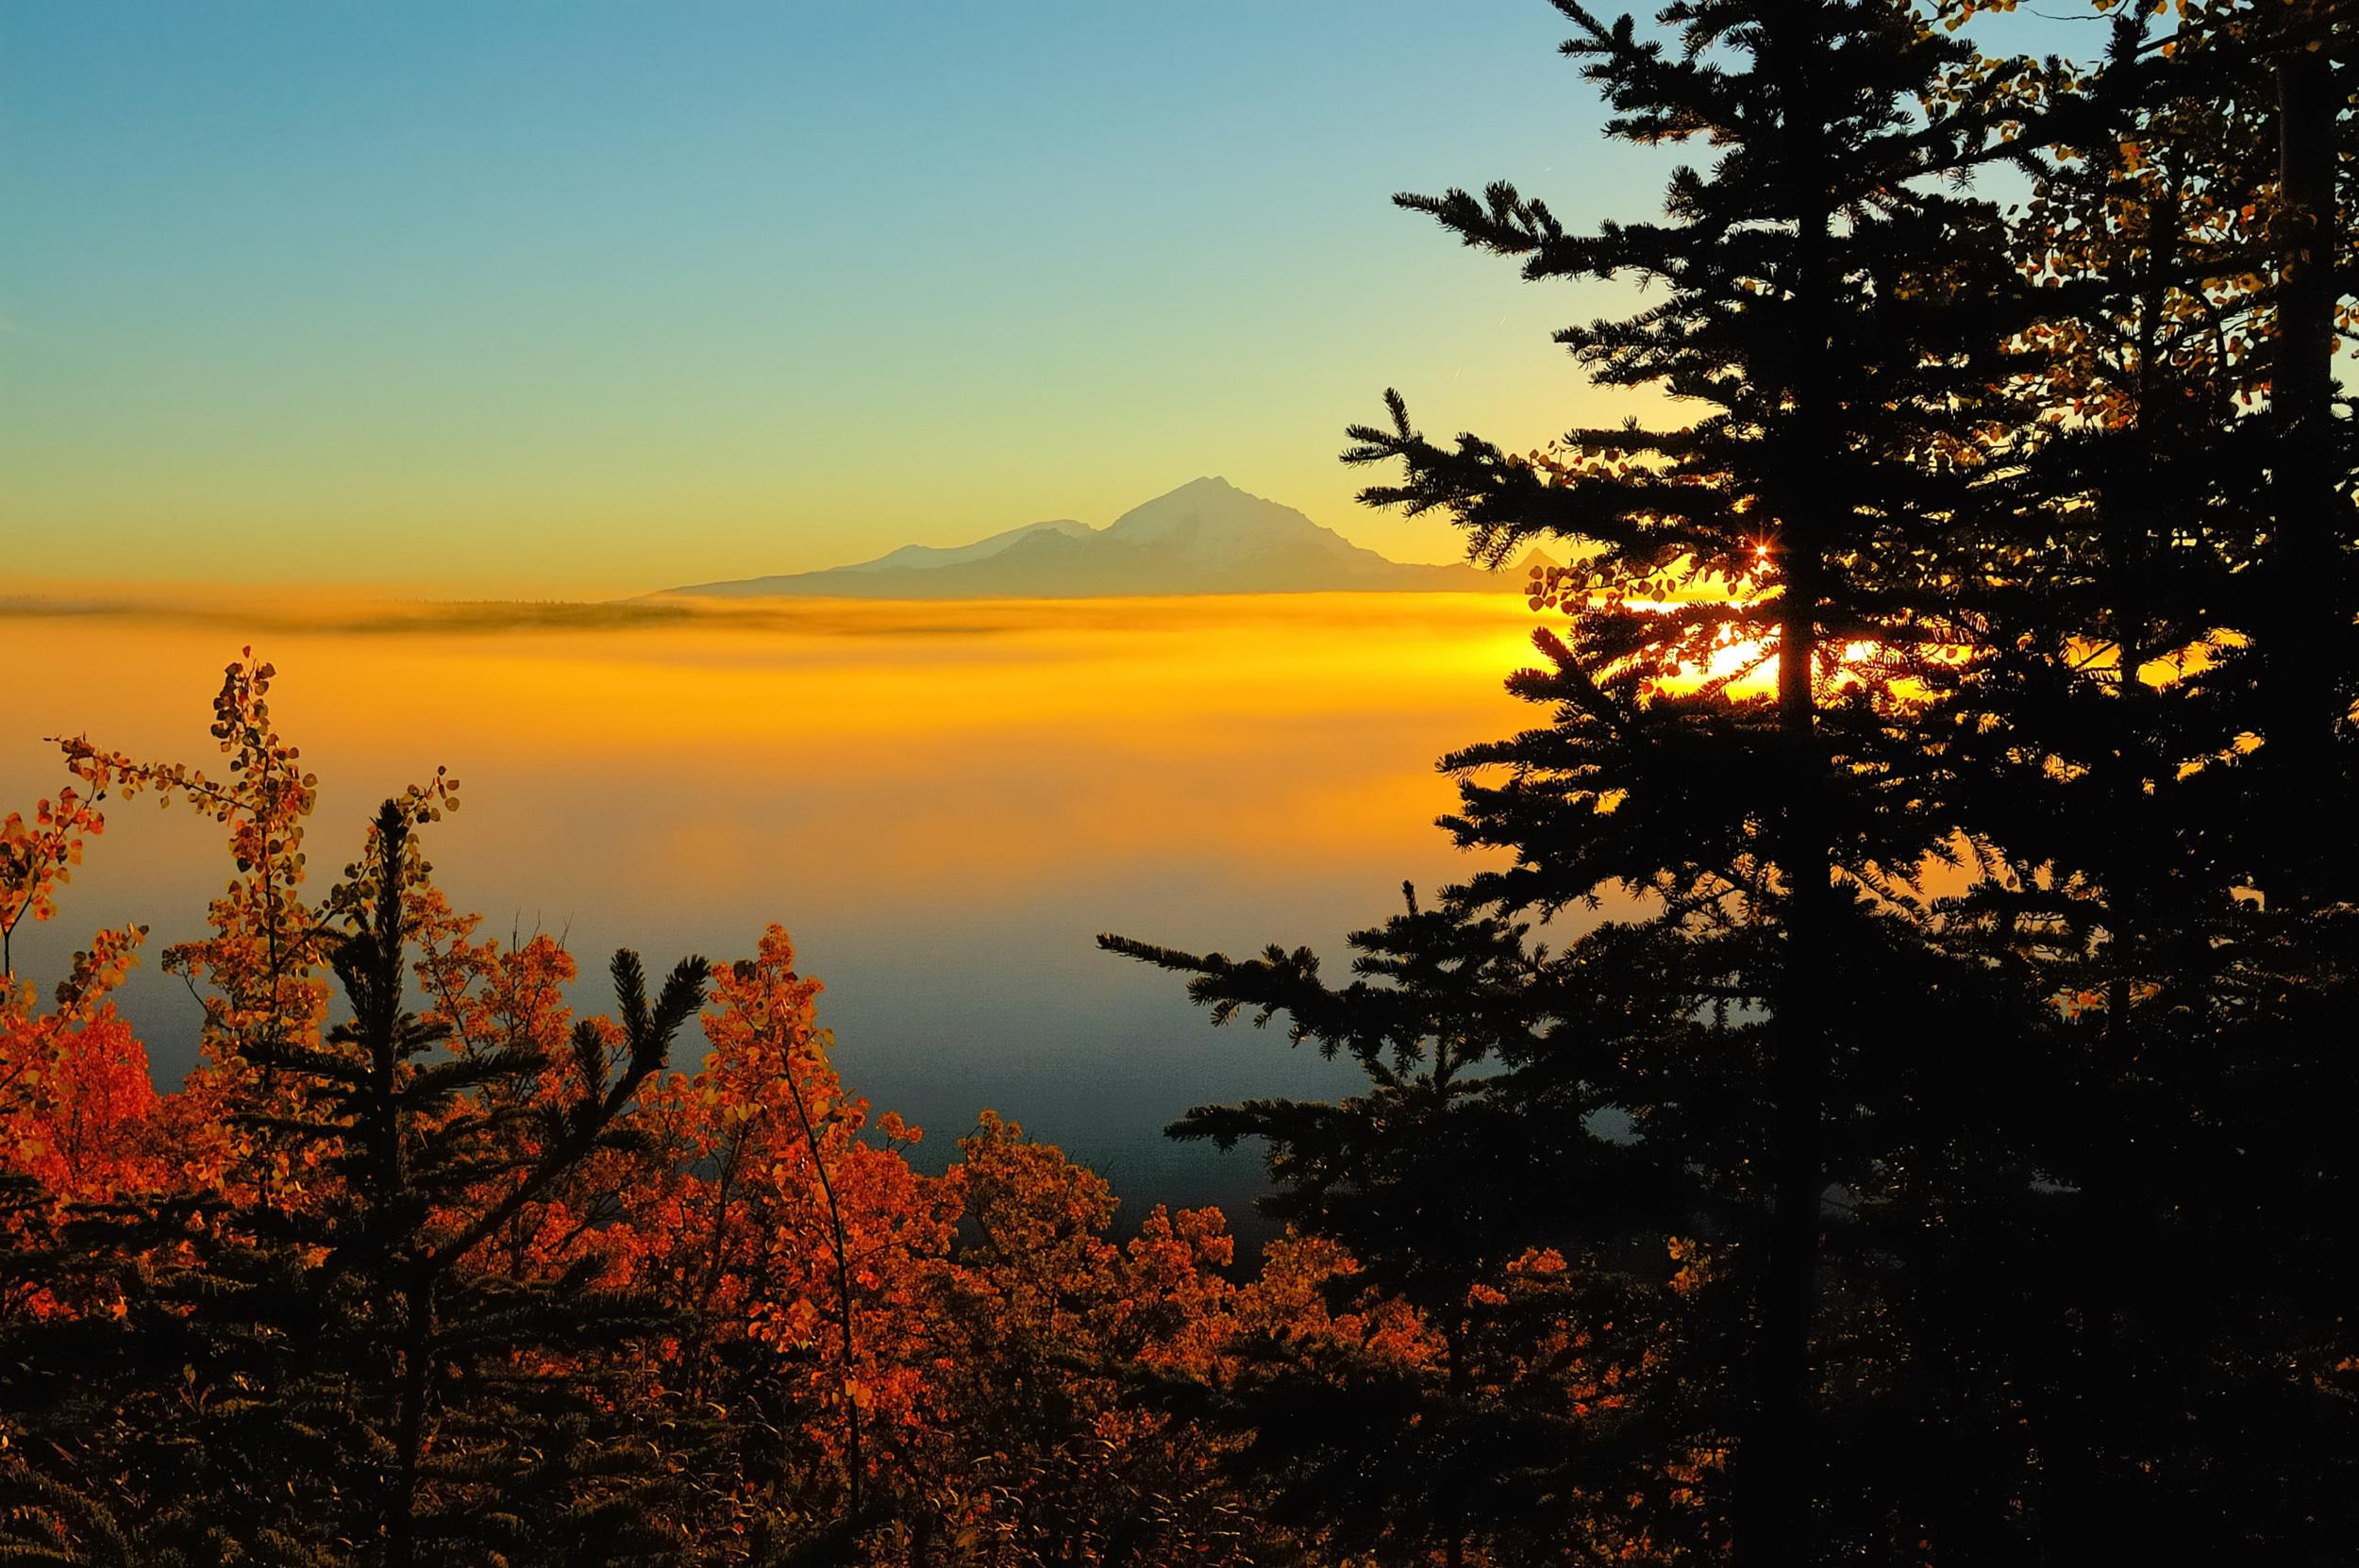 MOUNT DRUM AUTUMN SUNRISE